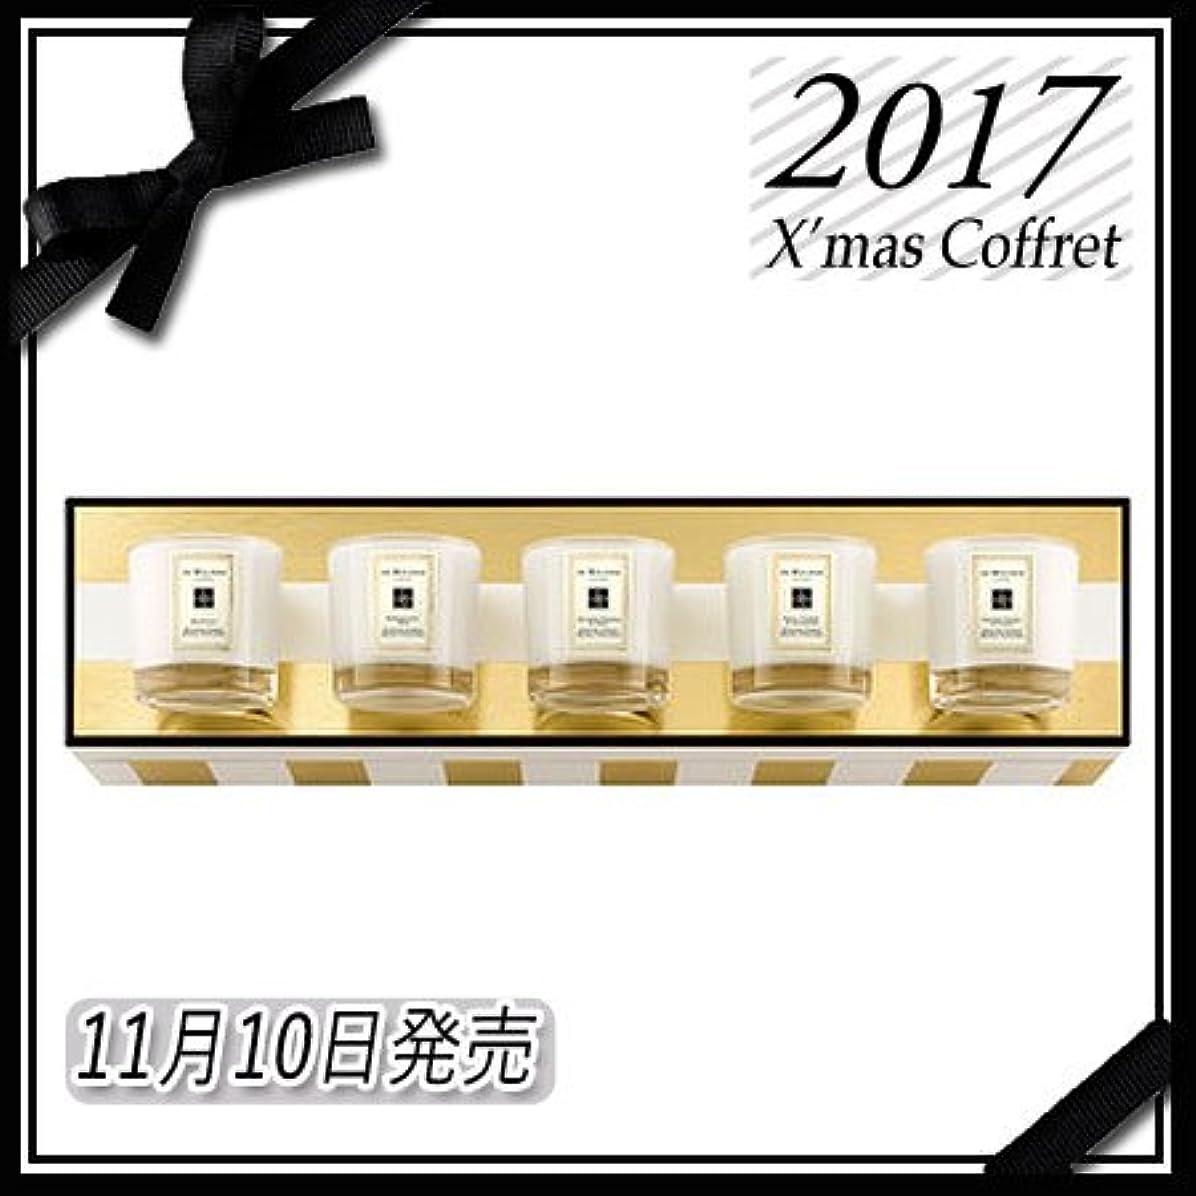 で出来ているトランスミッションそこからジョーマローン コロン クリスマス ミニチュア キャンドル コレクション 2017 クリスマス コフレ 限定品 -JO MALONE-